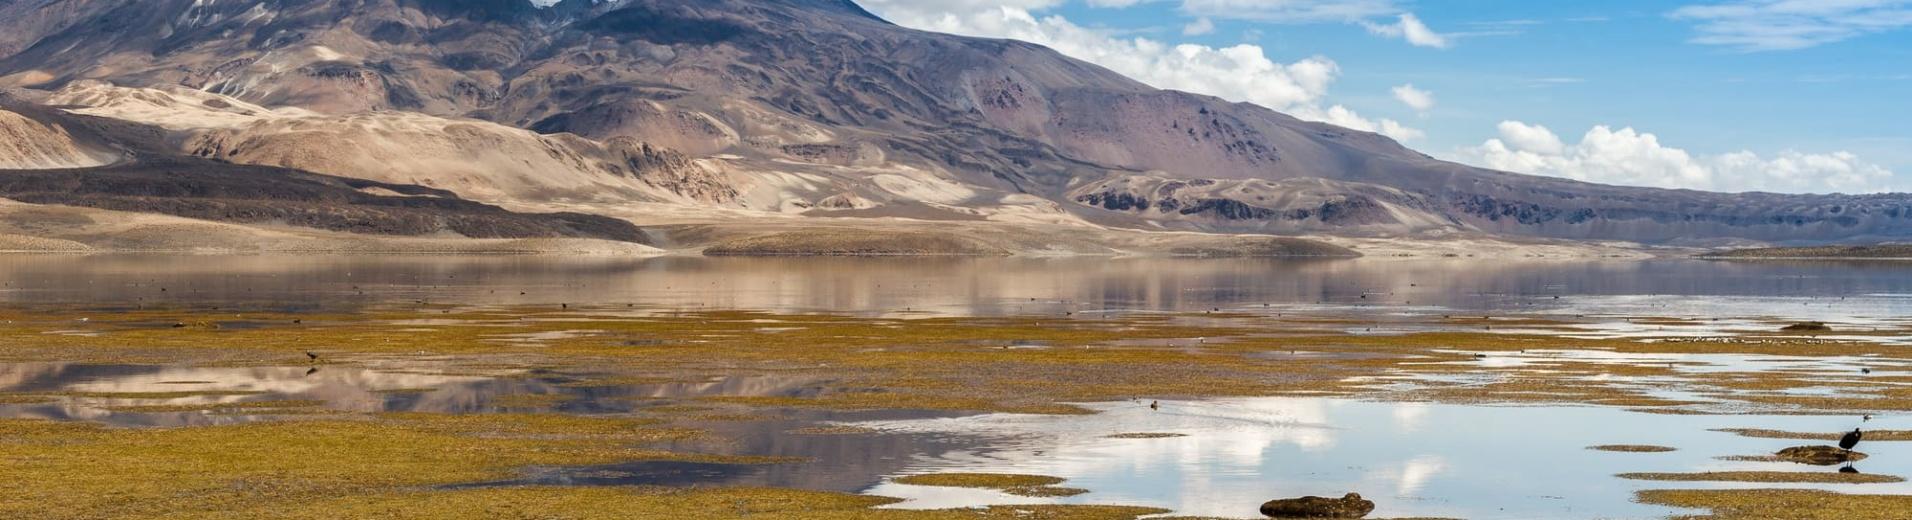 Parc national de Lauca, Chili. Volcan enneigé dans l'Altiplano chilien